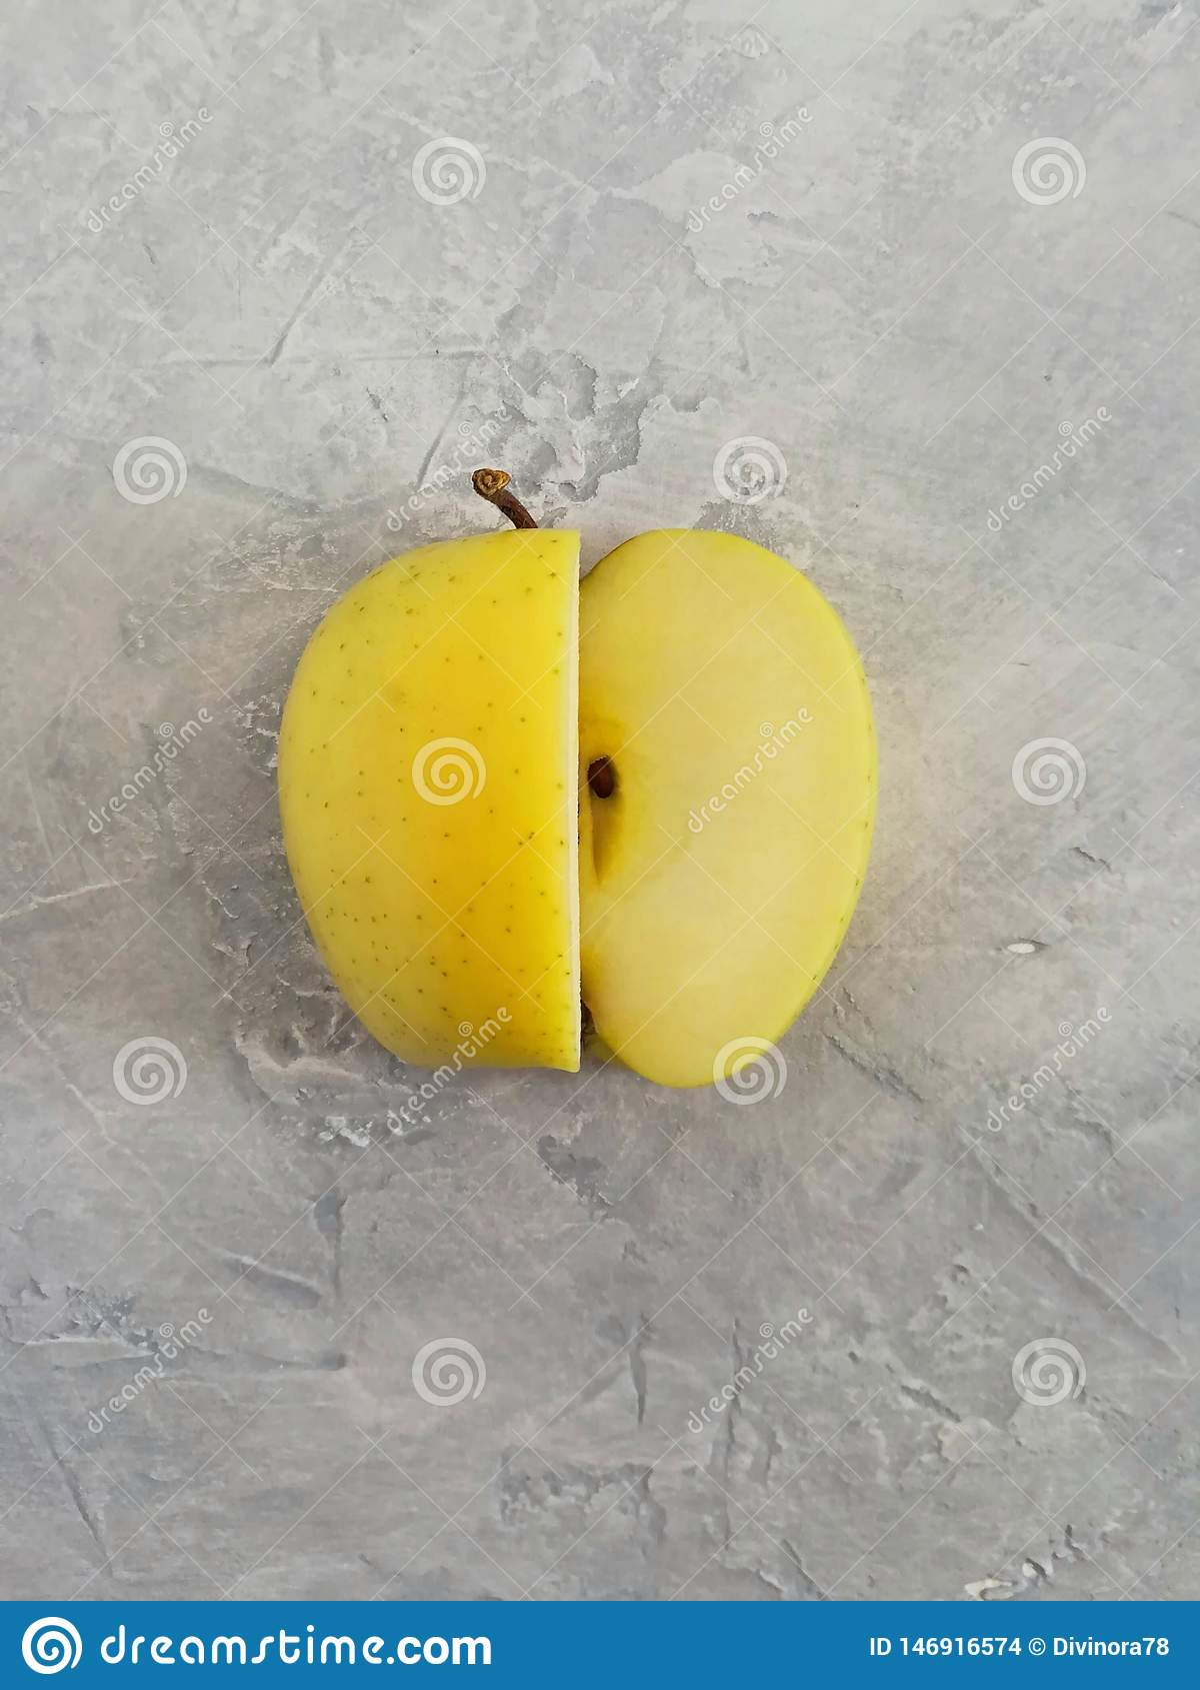 Ώριμο κίτρινο μήλο σε ένα γκρίζο συγκεκριμένο υπόβαθρο